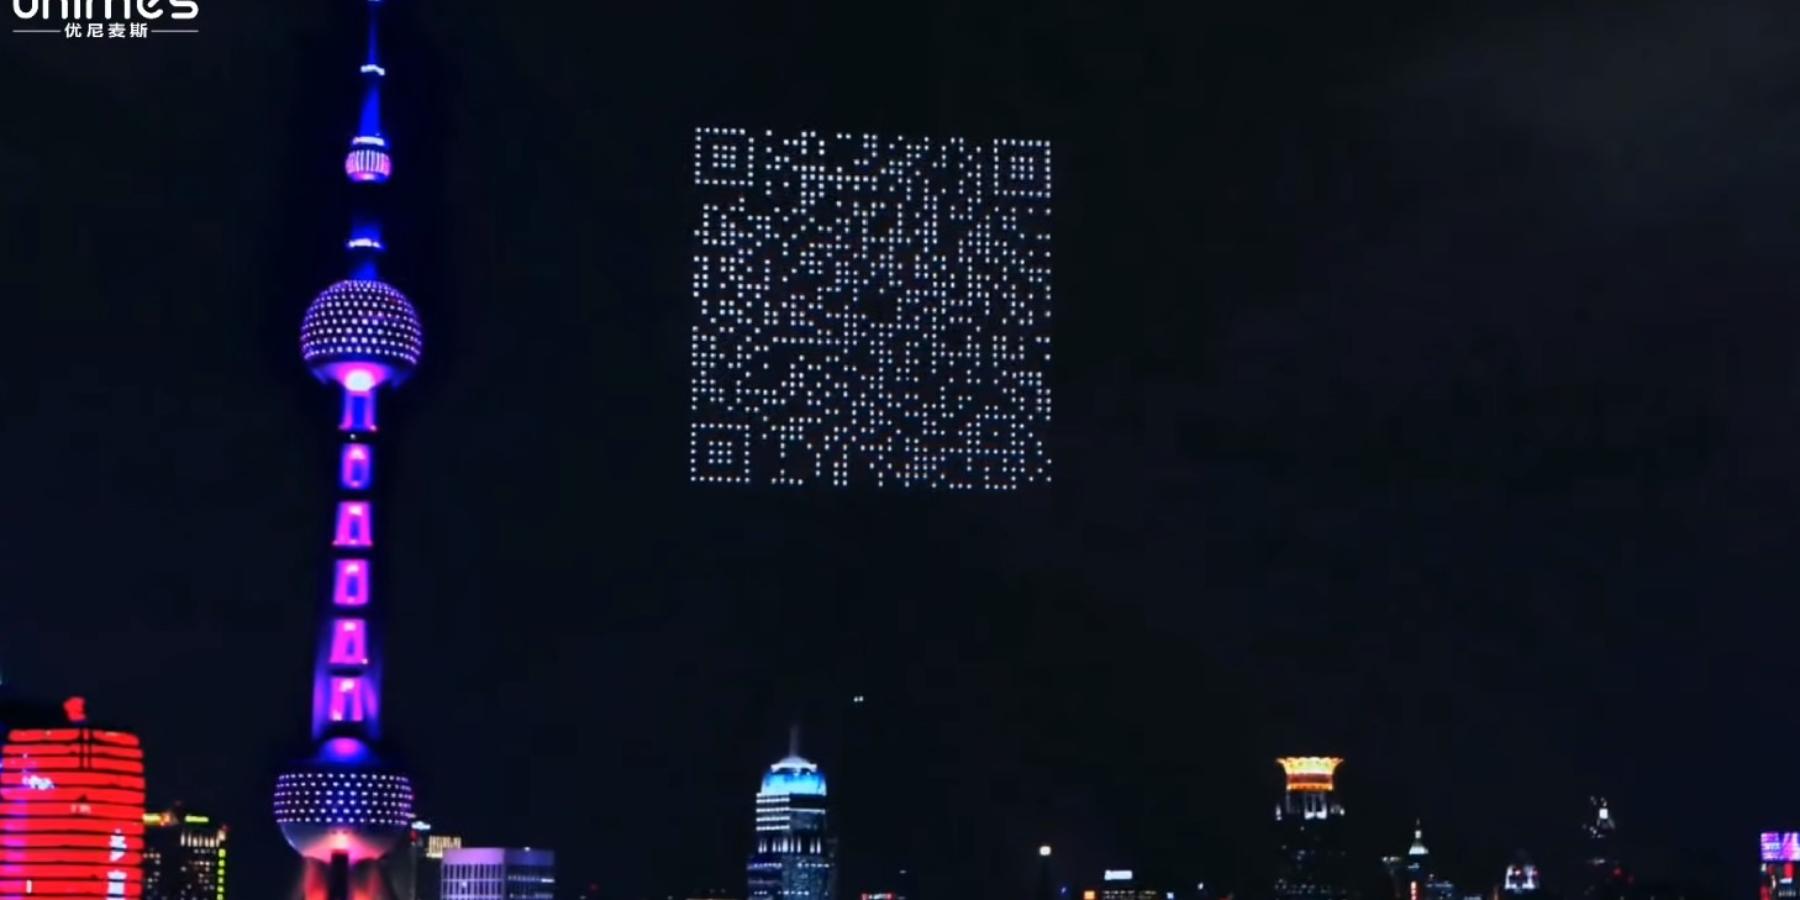 Olbrzymi kod QR, logo marki czyzarys chodzącego człowieka. TakChińczycy wykorzystują drony domarketingu